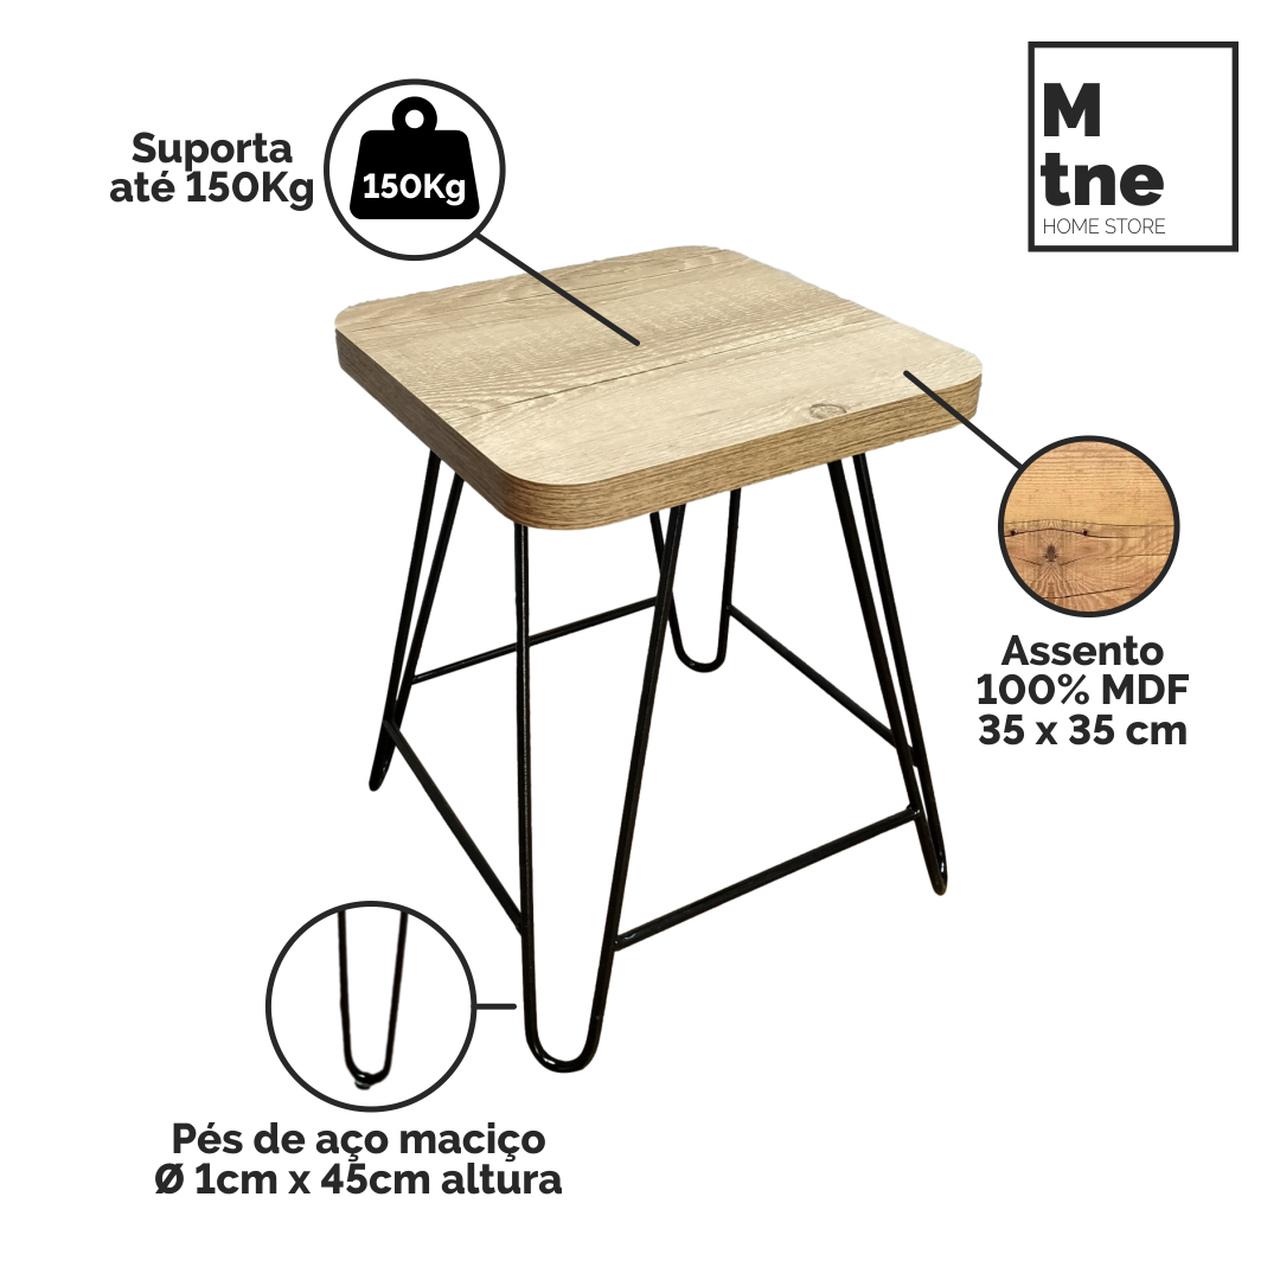 Mesa de Jantar com 4 Banquinhos Antiqua com Squared Legs e Tampo 100% MDF  - Mtne Store